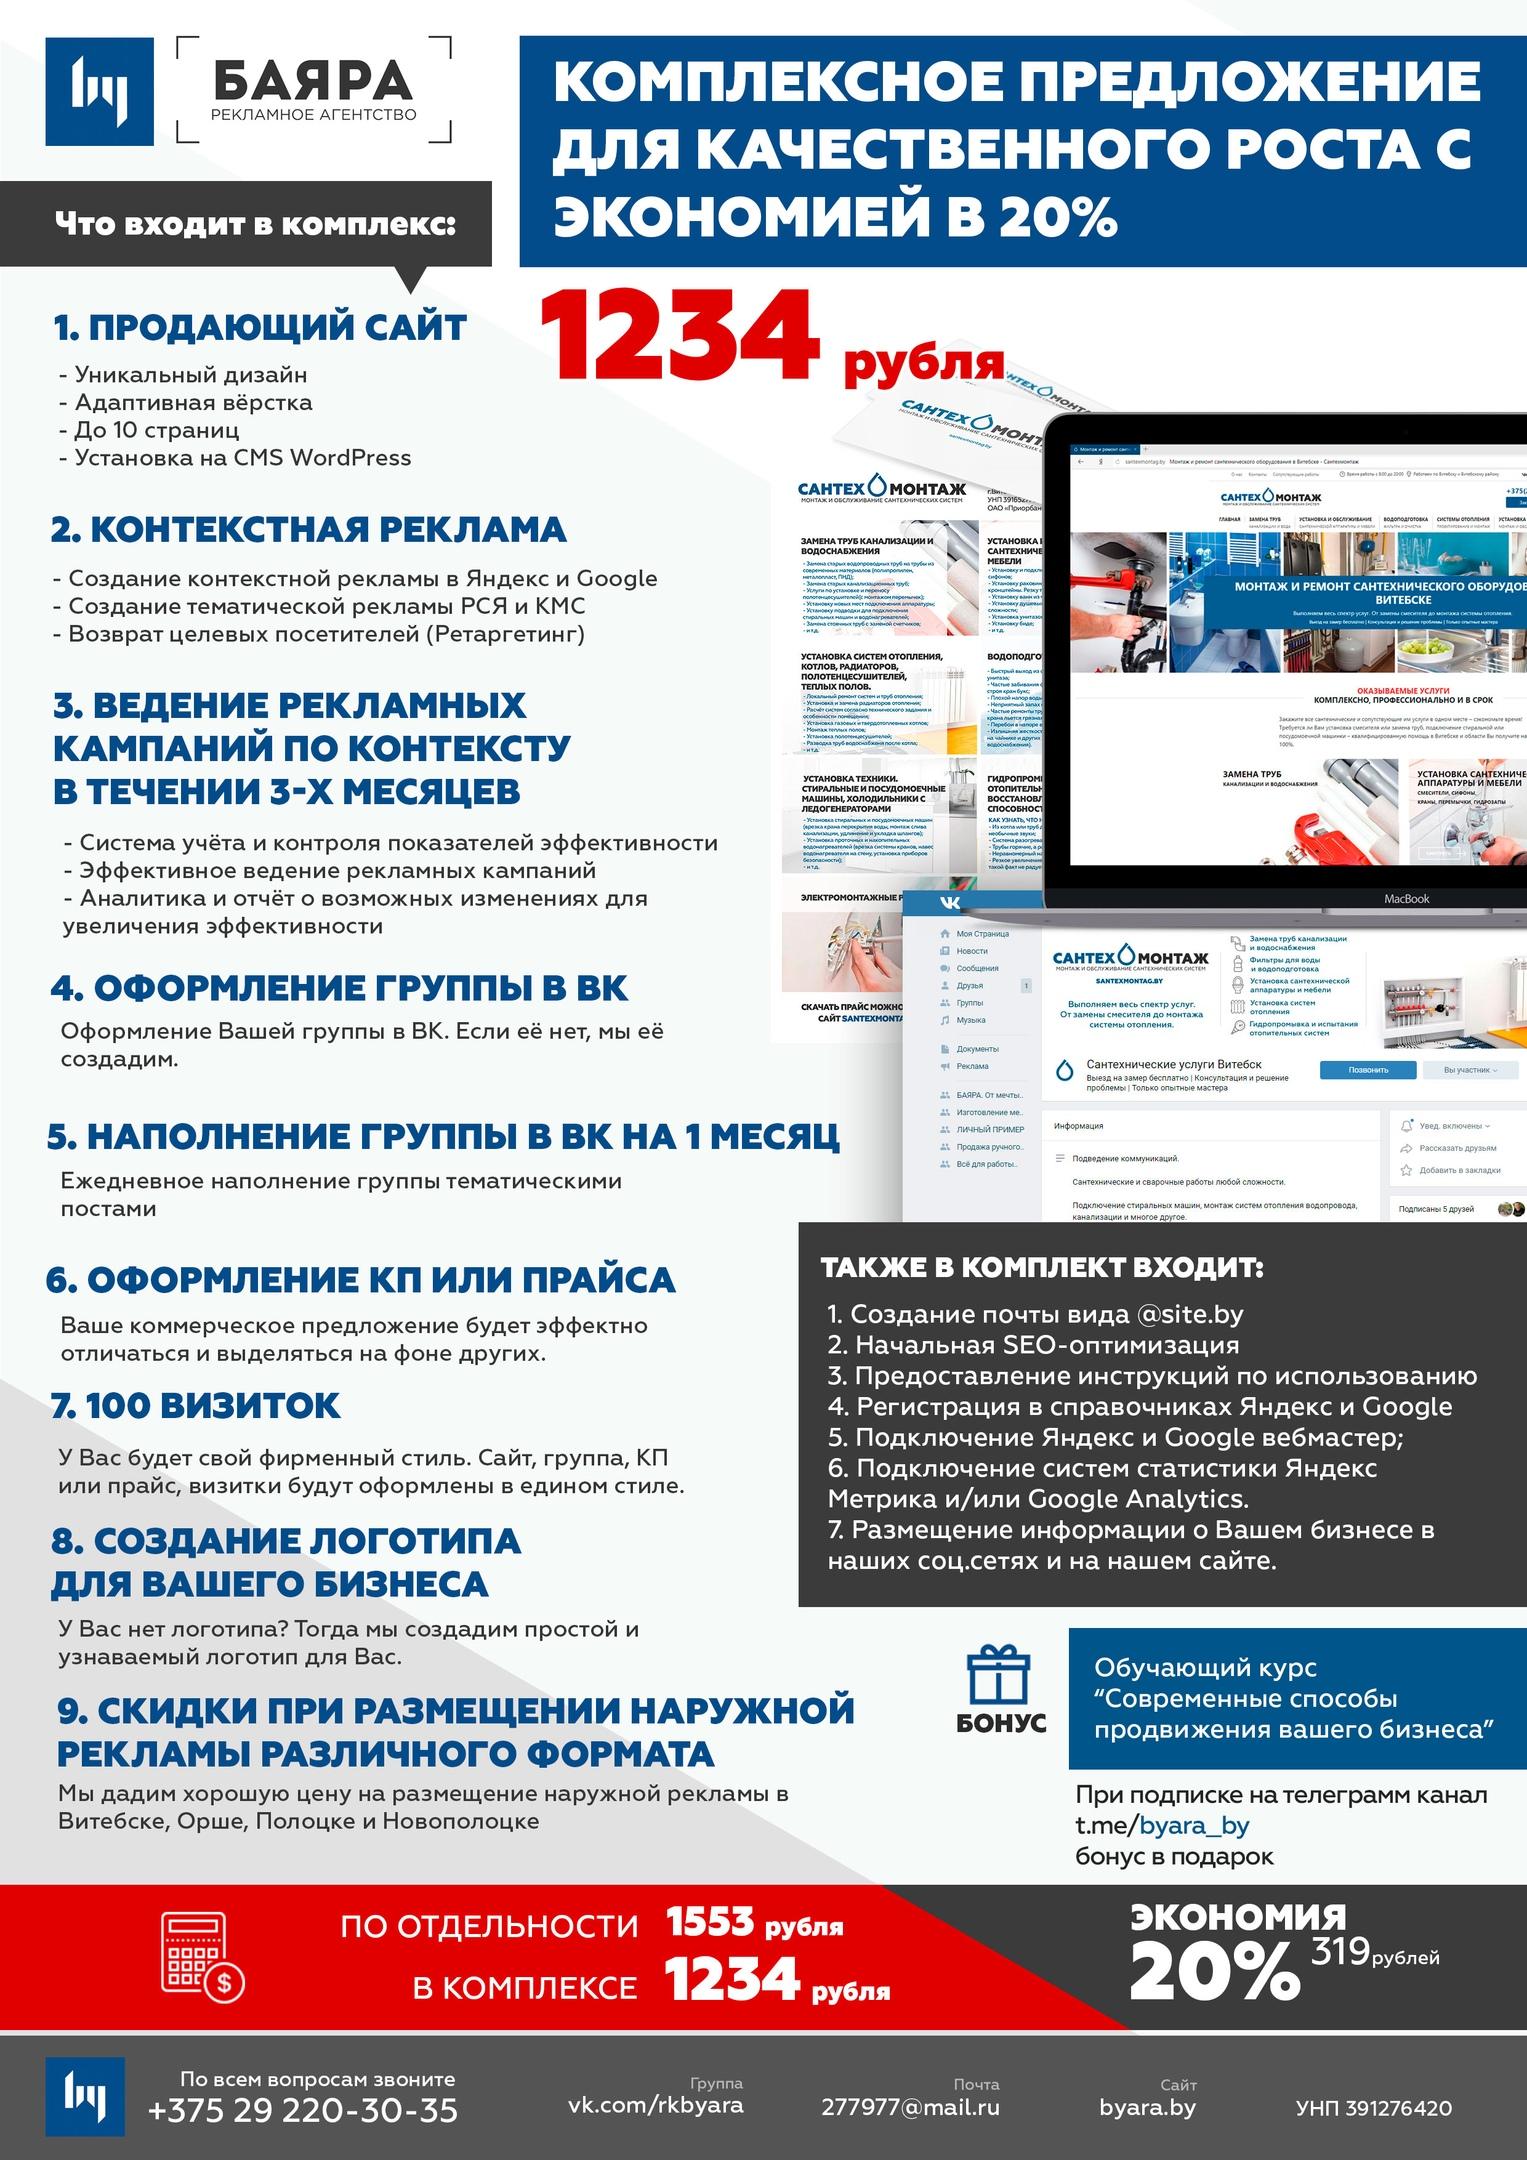 Служба поддержки Tele2 Нижегородская область - быстрые